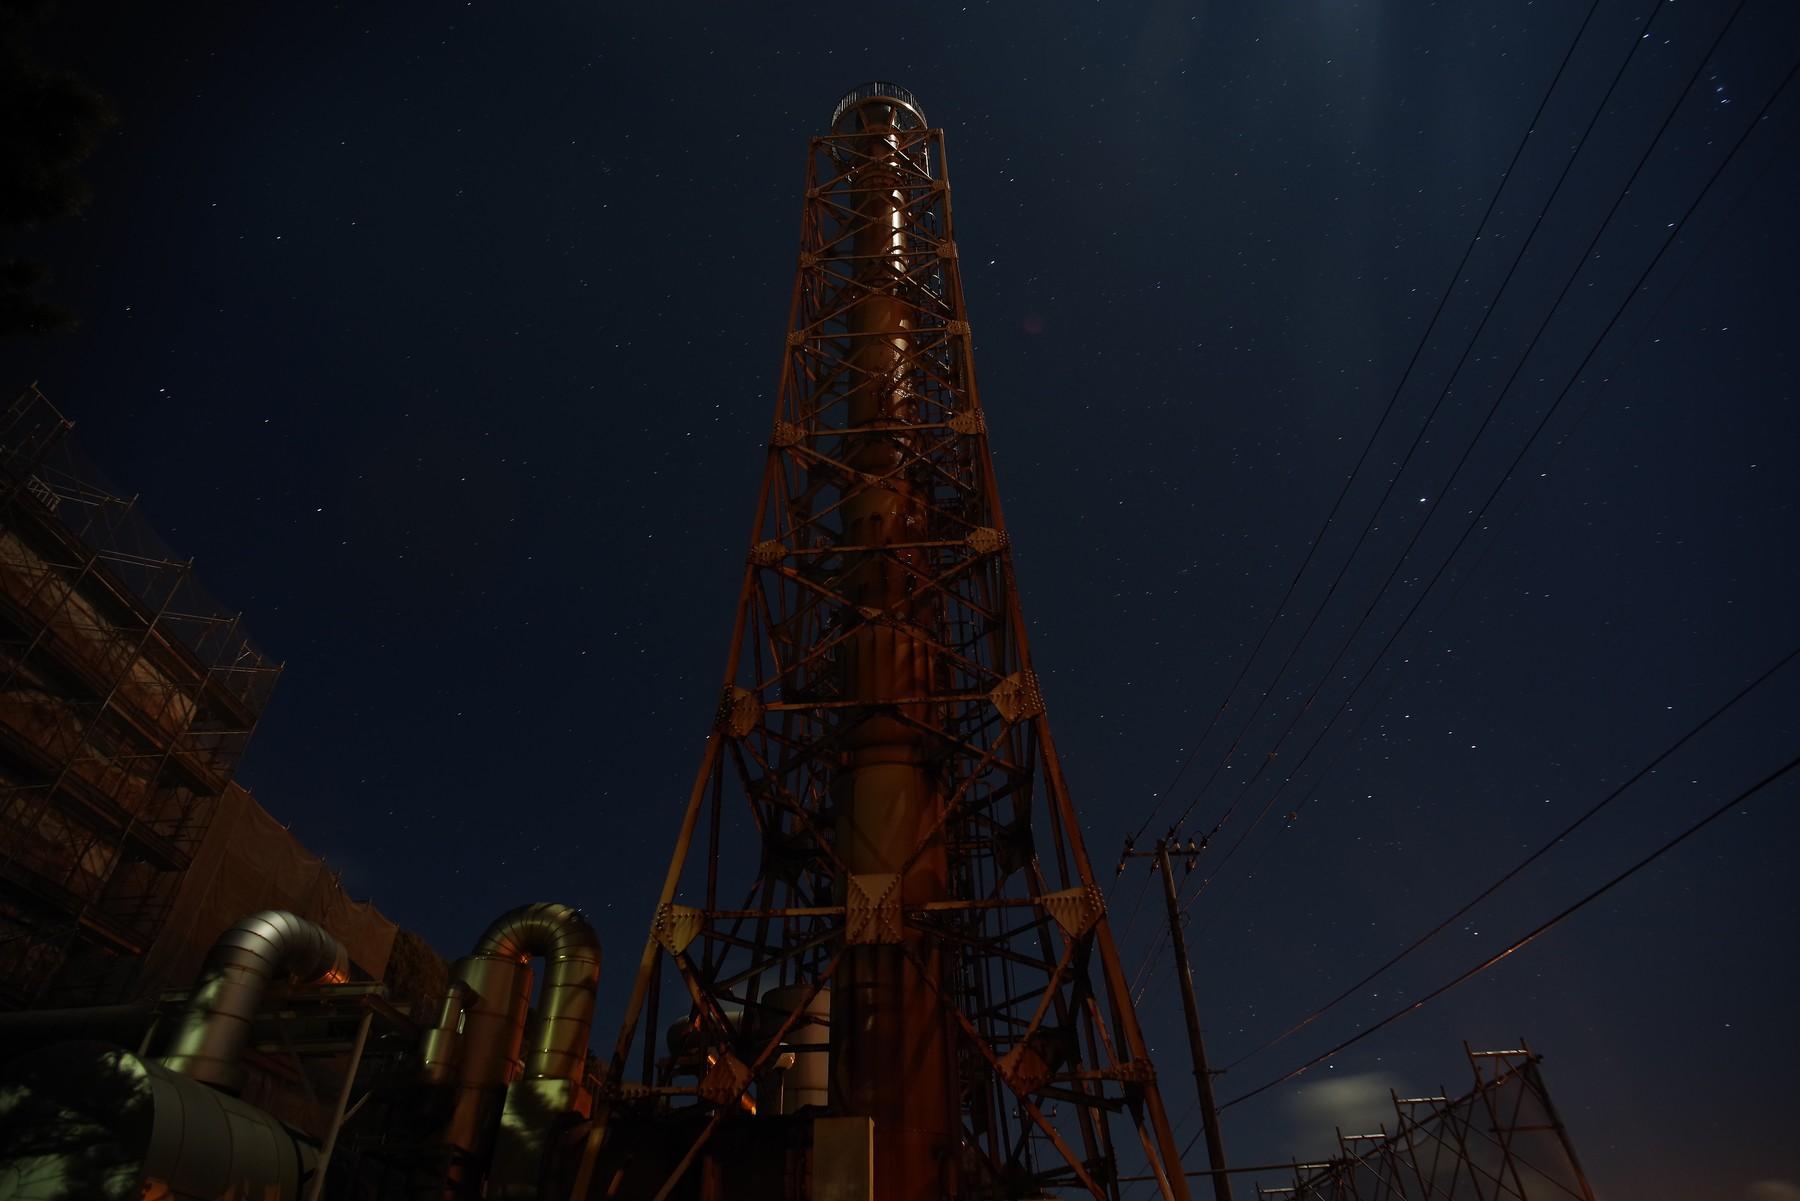 星空と煙突の作例写真